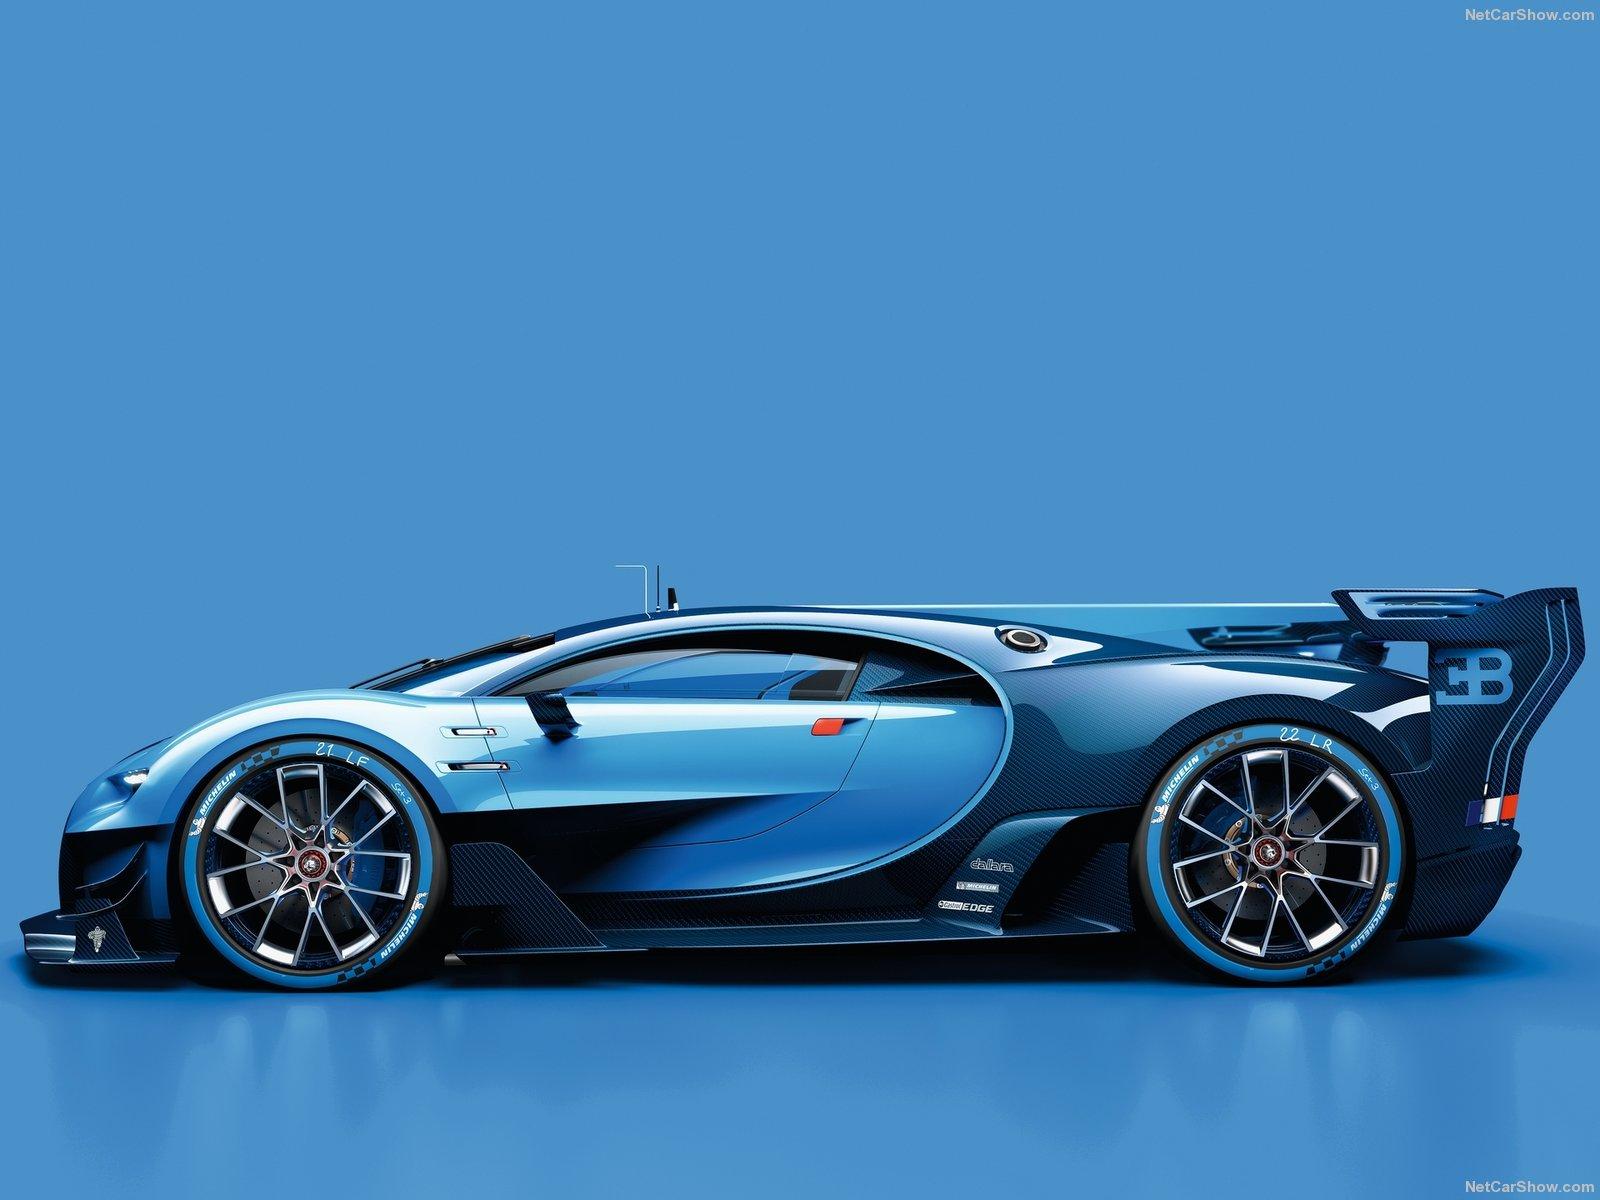 Bugatti-Vision_Gran_Turismo_Concept_2015_1600x1200_wallpaper_02.jpg